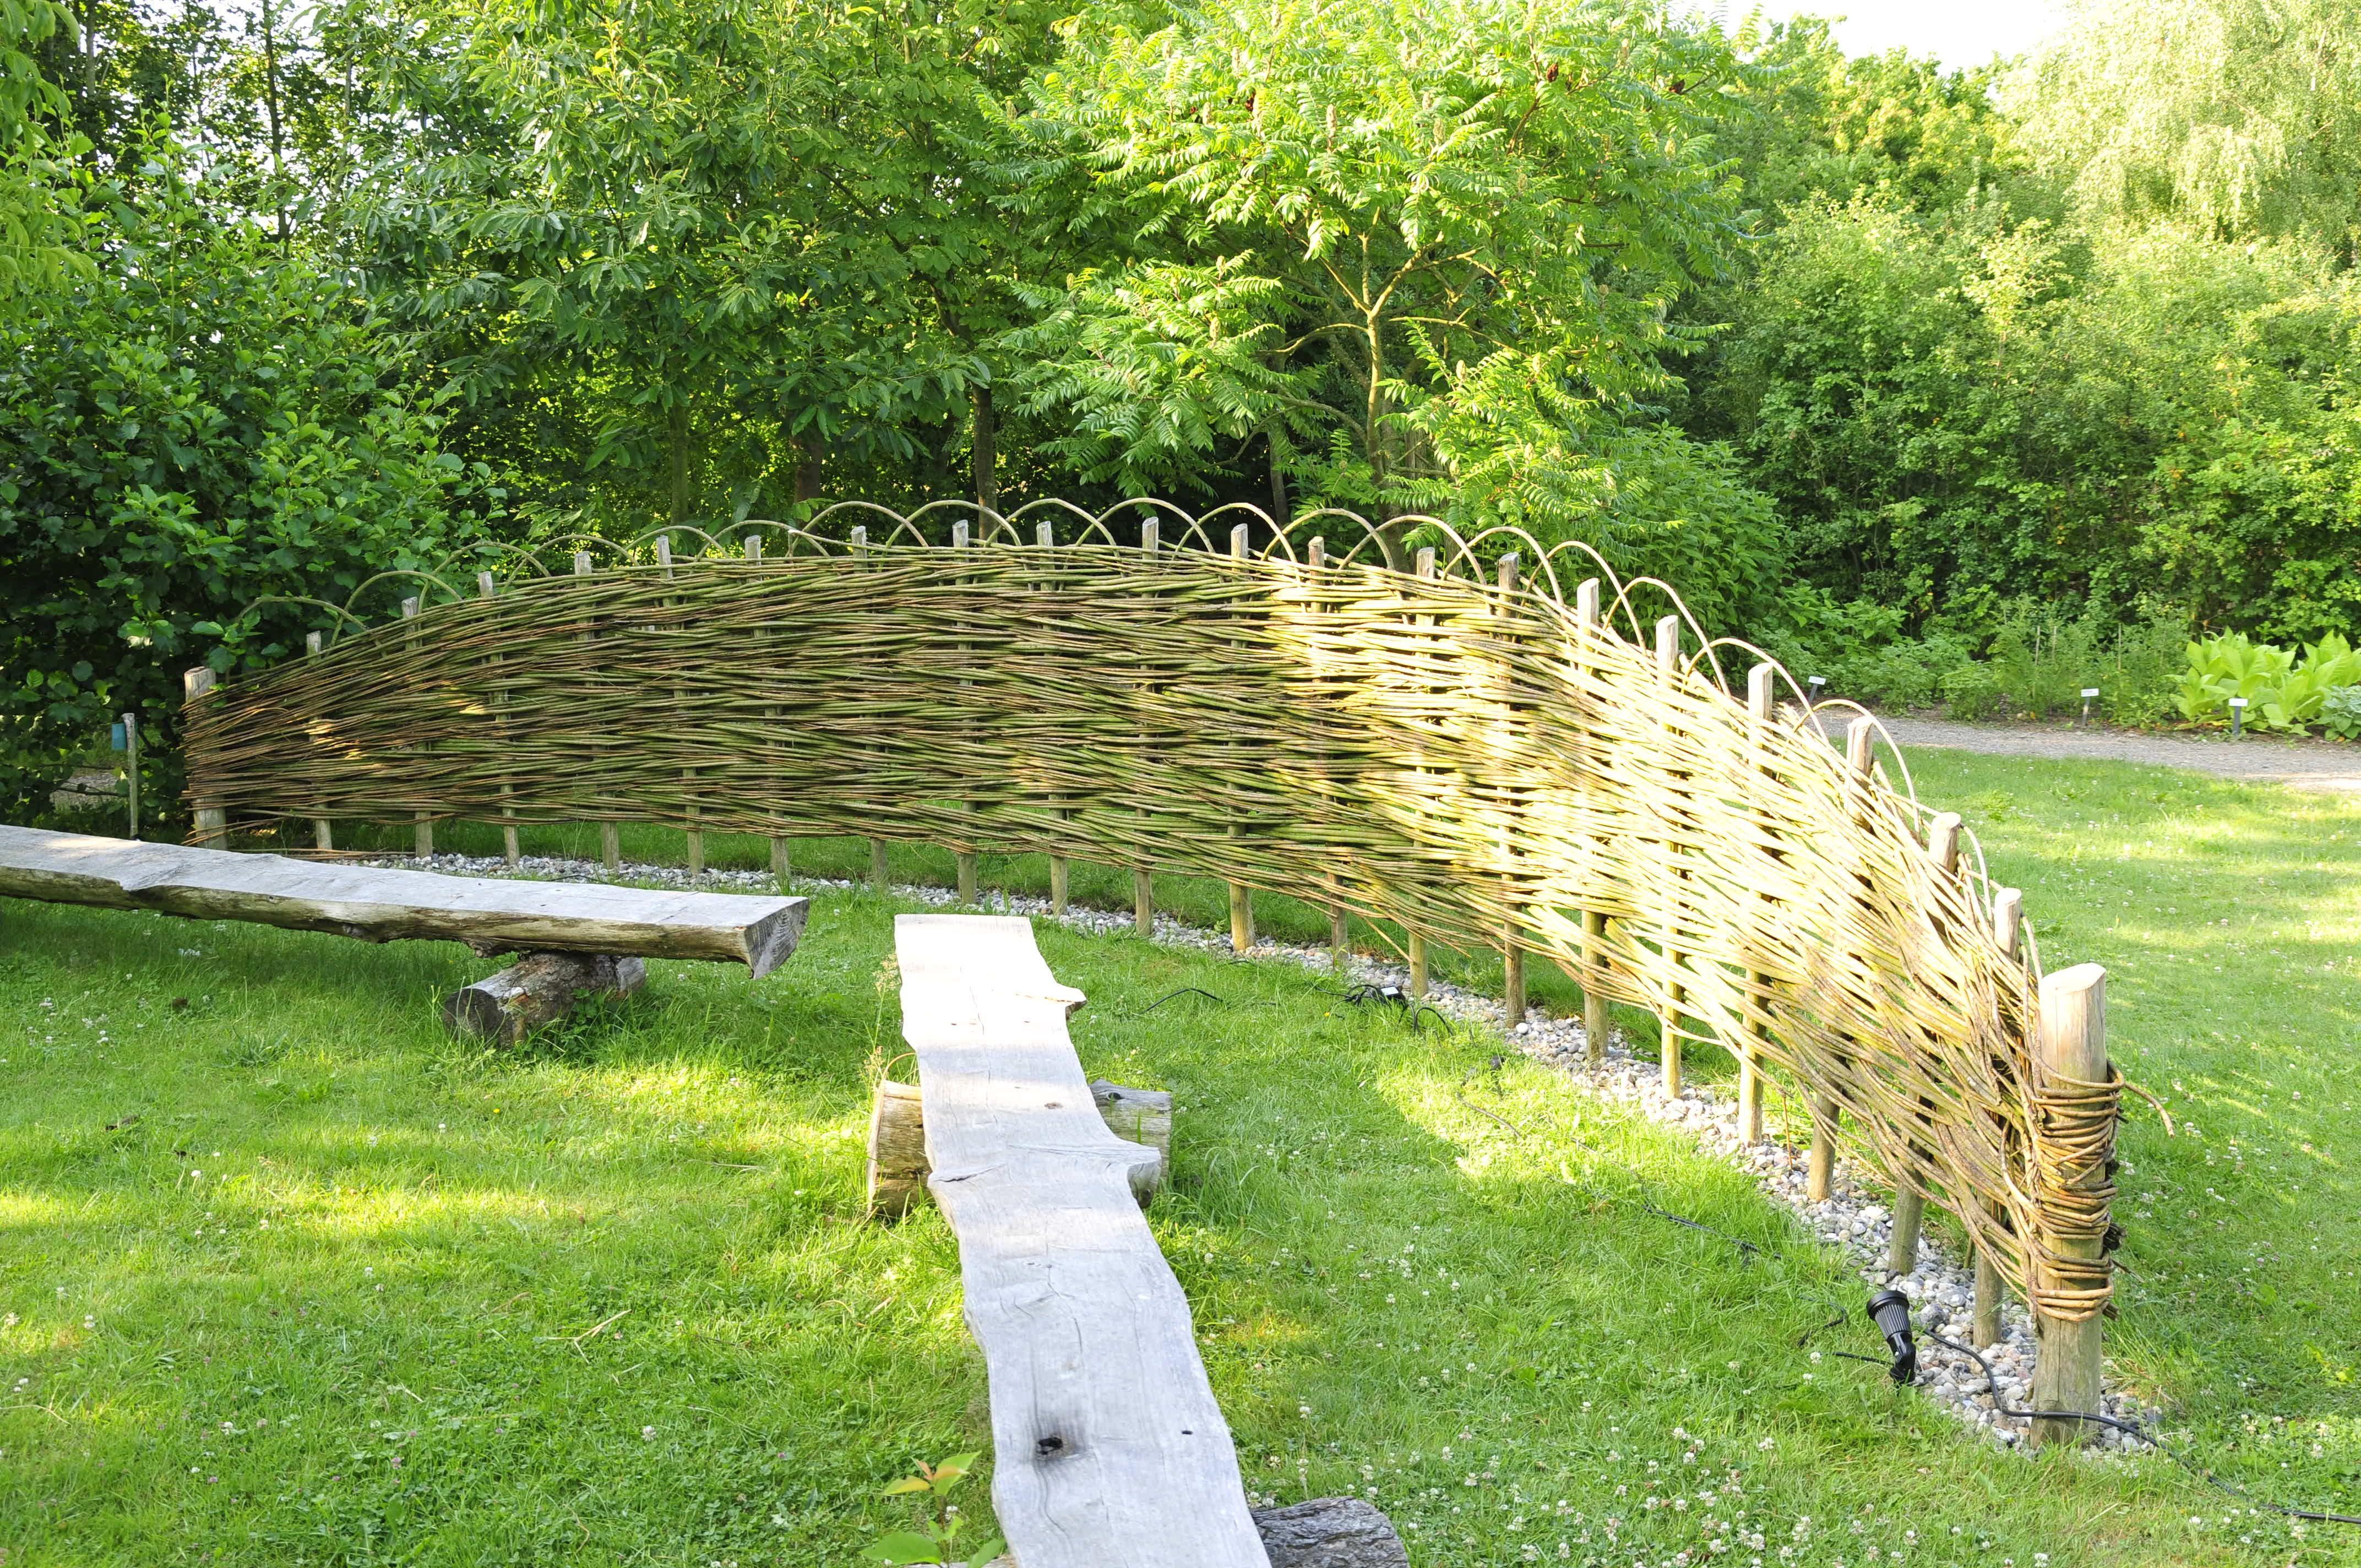 Sichtschutz Selber Bauen 5 Diys Aus Naturmaterial Naturzaun Garten Sichtschutz Selber Bauen